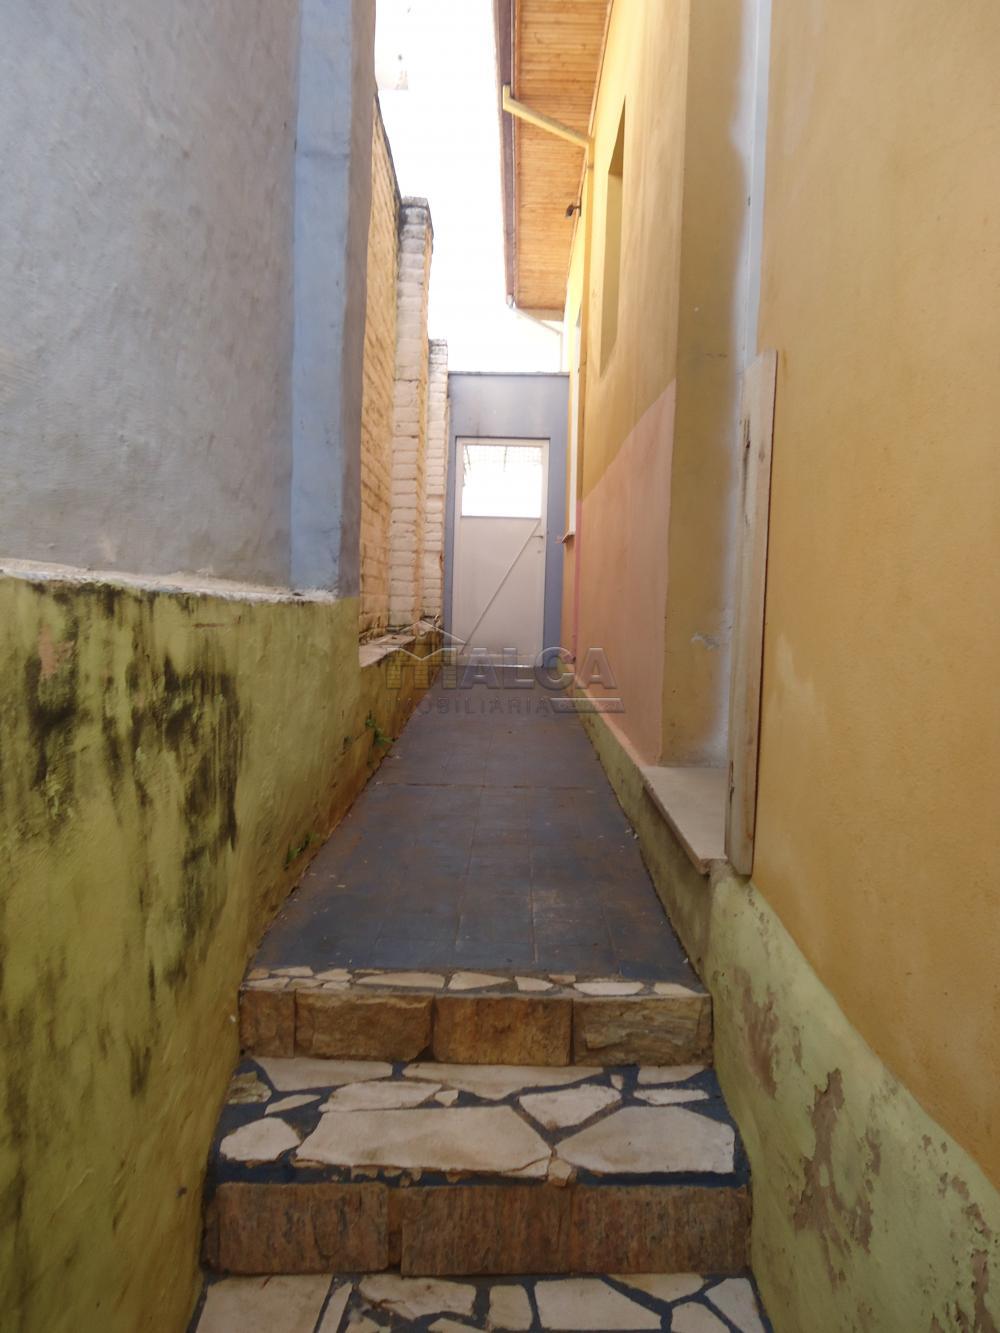 Alugar Casas / Padrão em São José do Rio Pardo R$ 1.700,00 - Foto 36